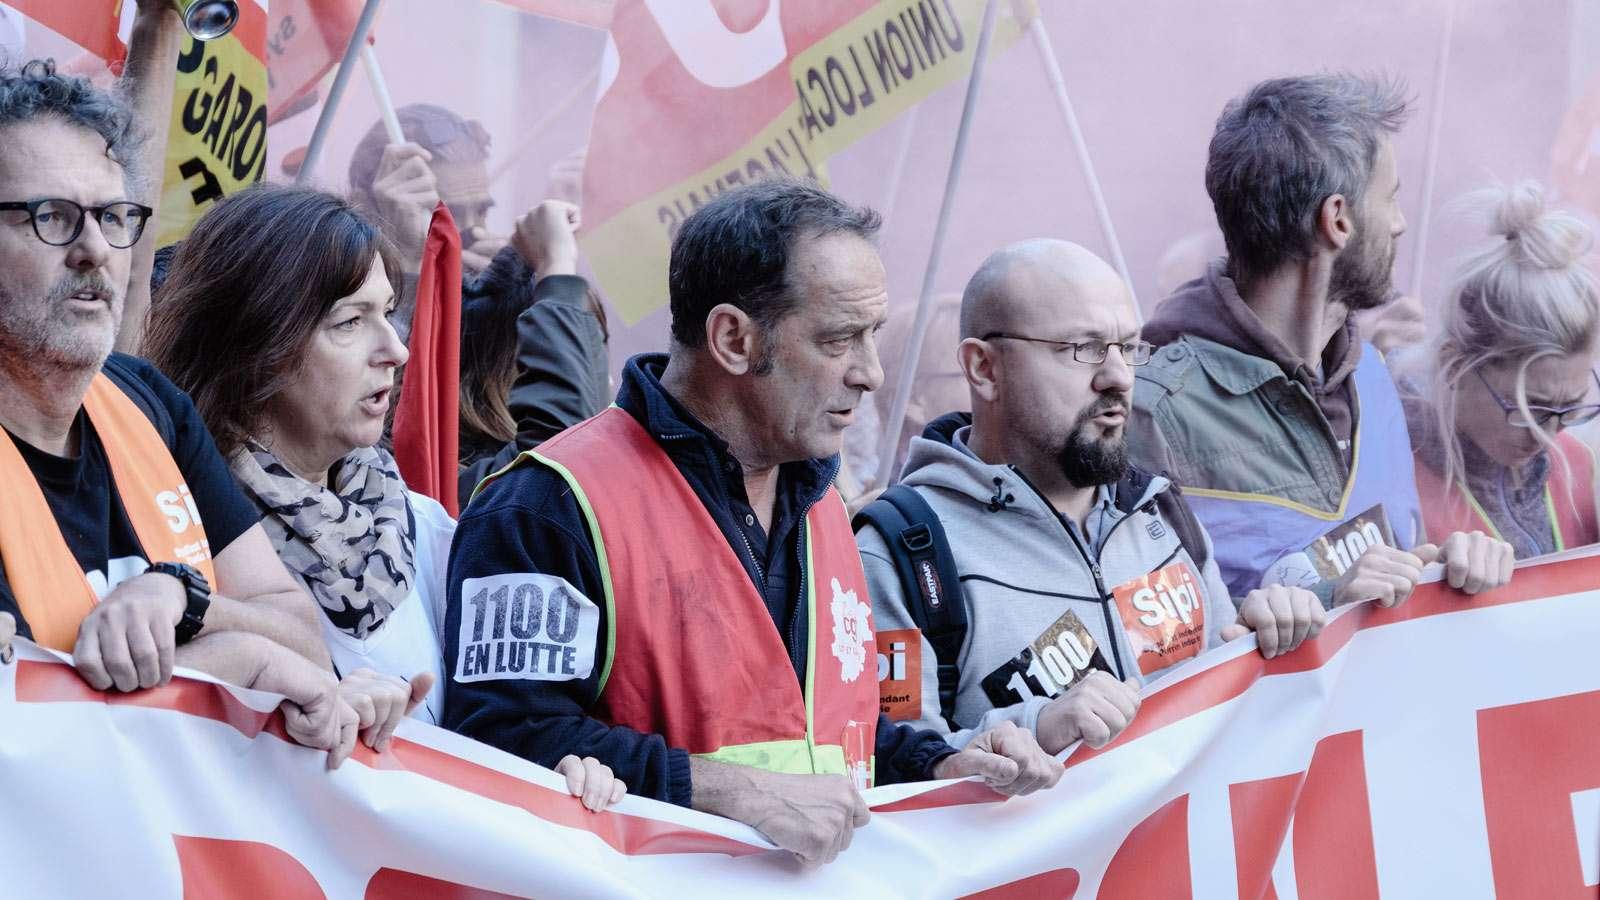 """Streikende Menschen, die hinter einem Spruchband stehen und gegen die Schließung einer Fabrik demonstrieren, Szene aus dem Film """"Streik""""."""